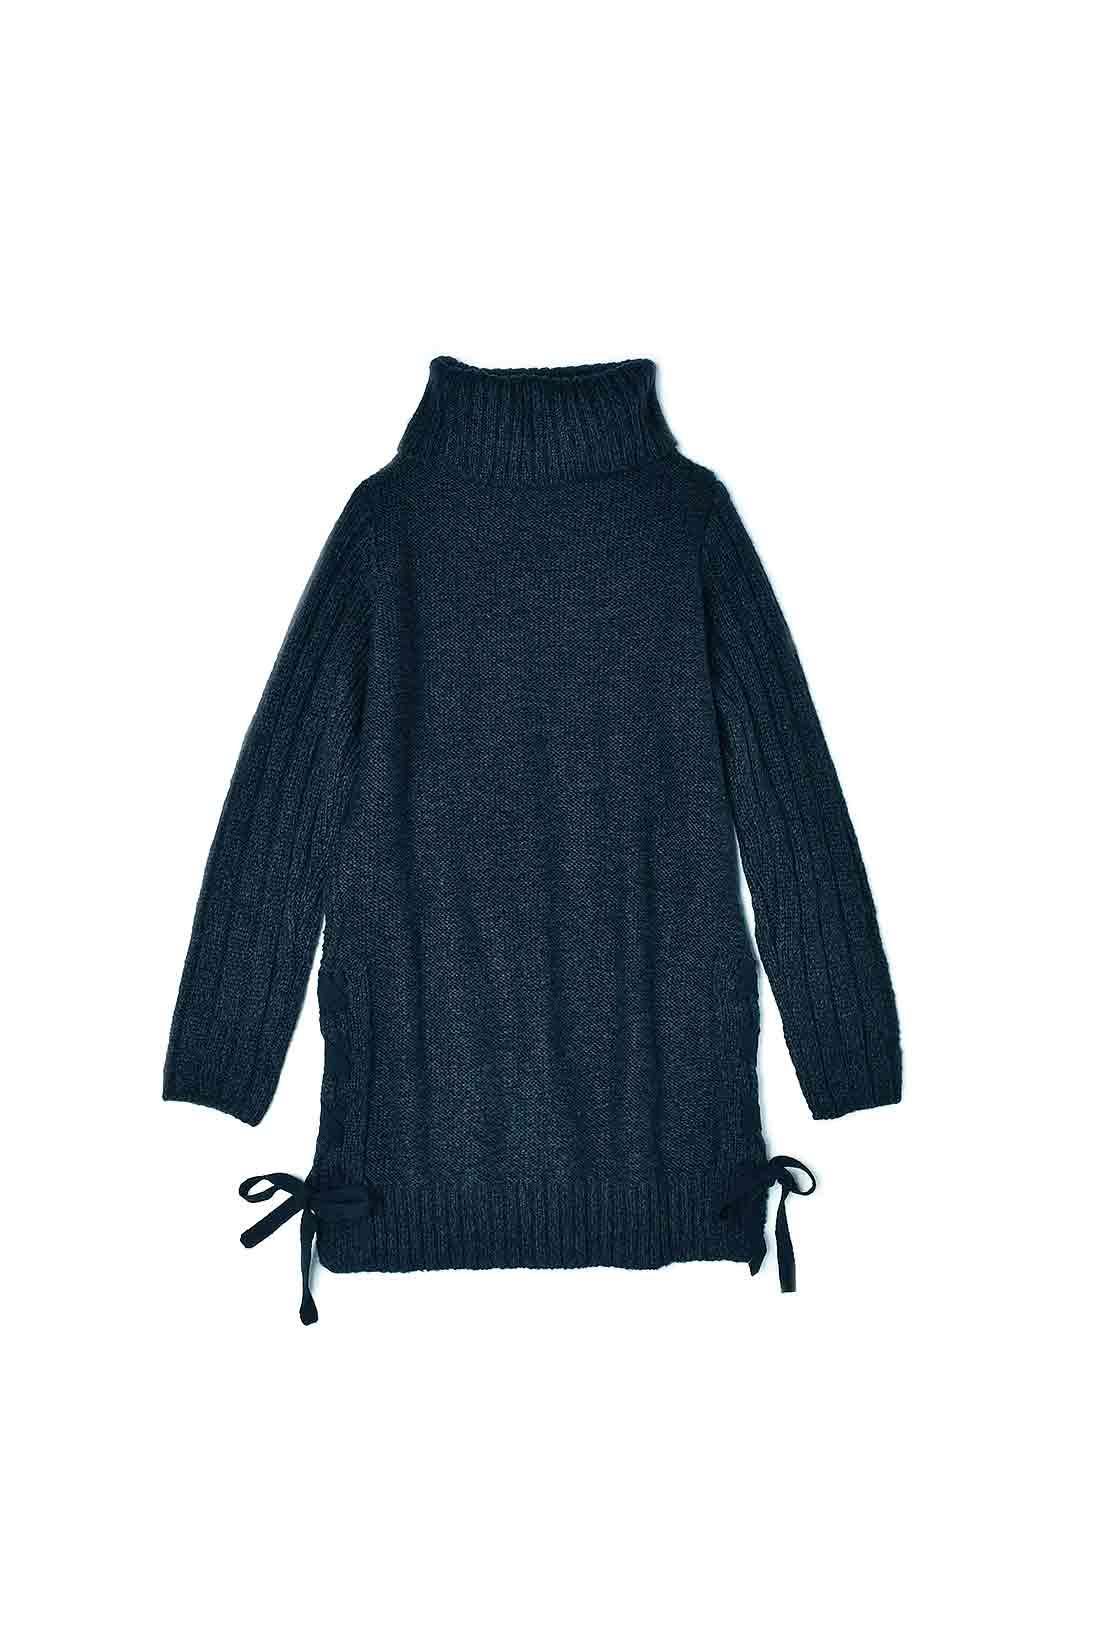 BACK バックスタイルは編み地なしですっきり。